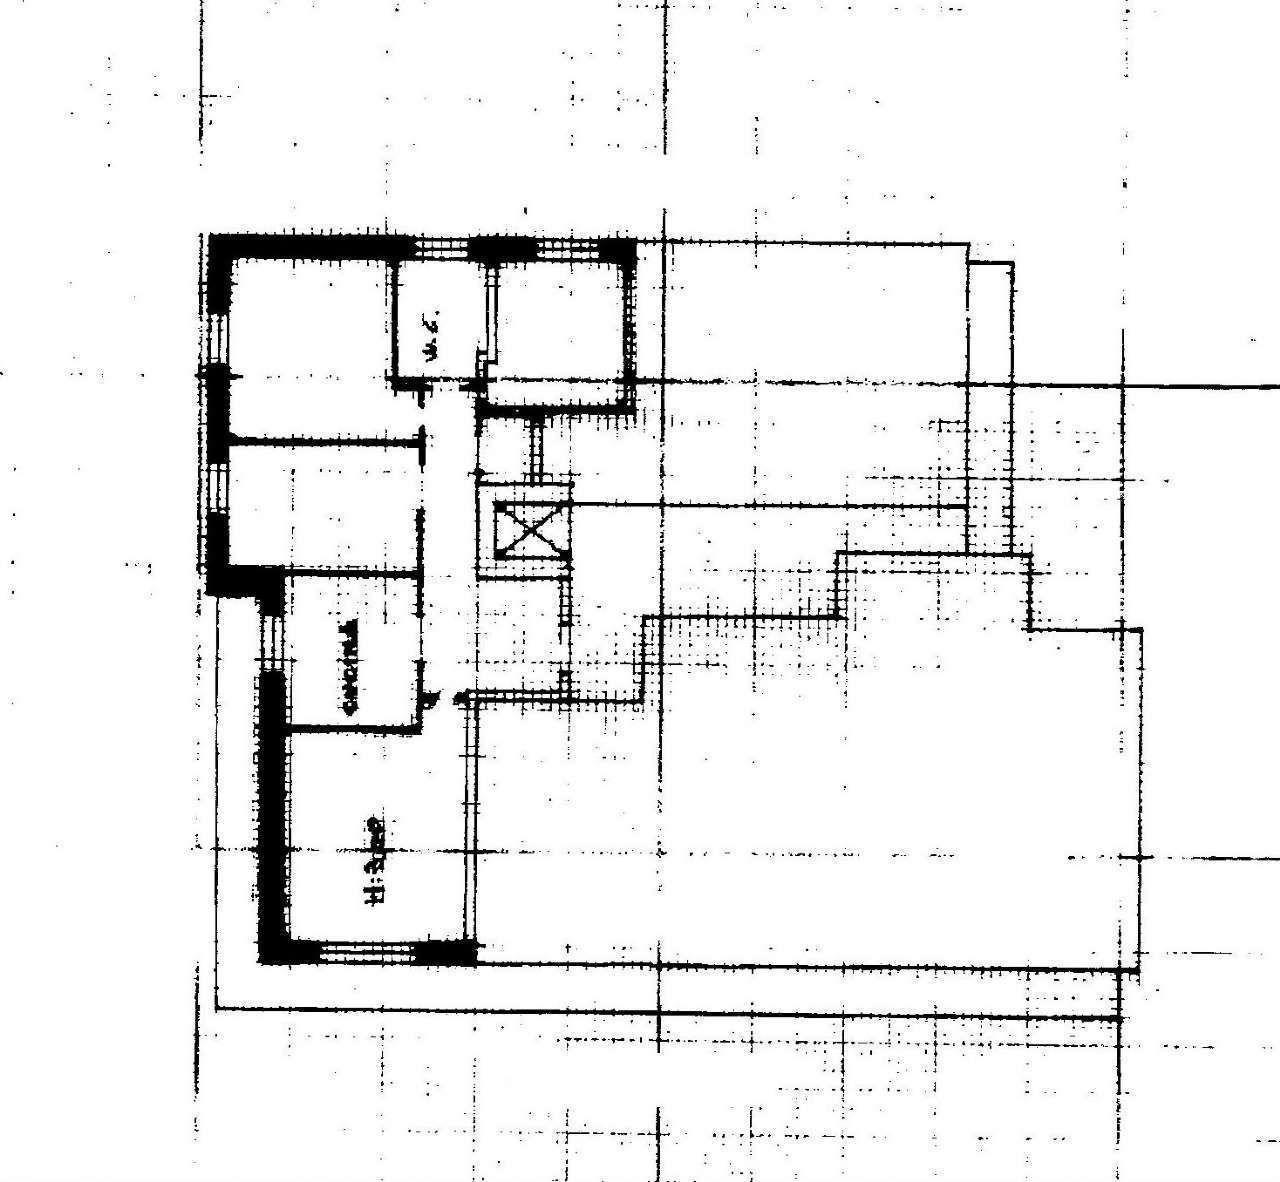 Appartamento - Quadrilocale a Fabbrica, Carrara